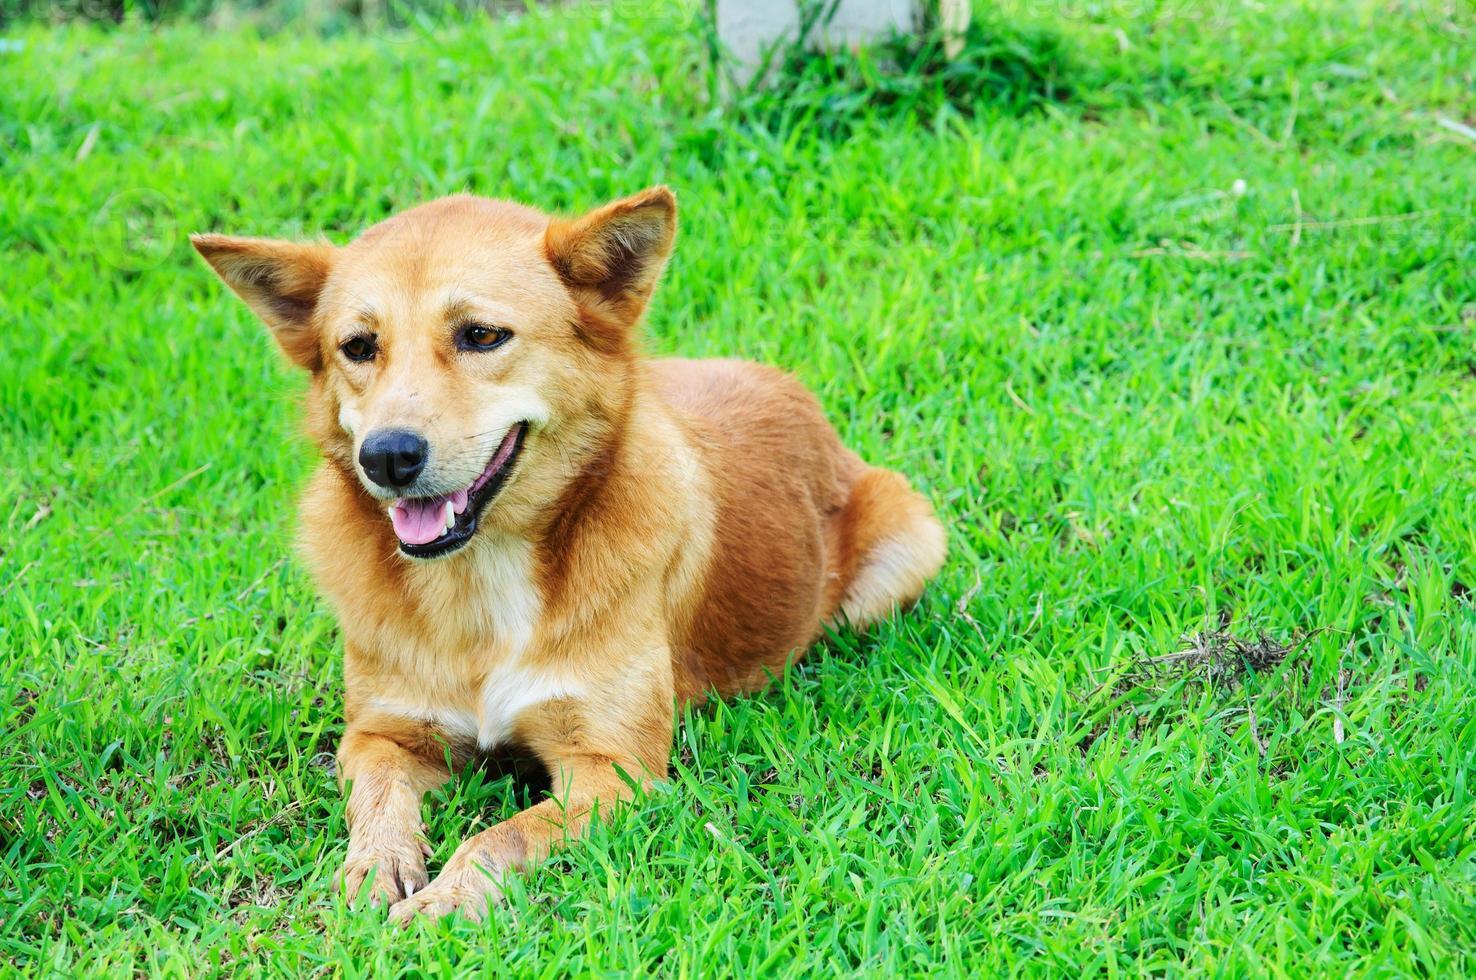 El perro disfrutando en la hierba en la naturaleza (enfoque selectivo) foto